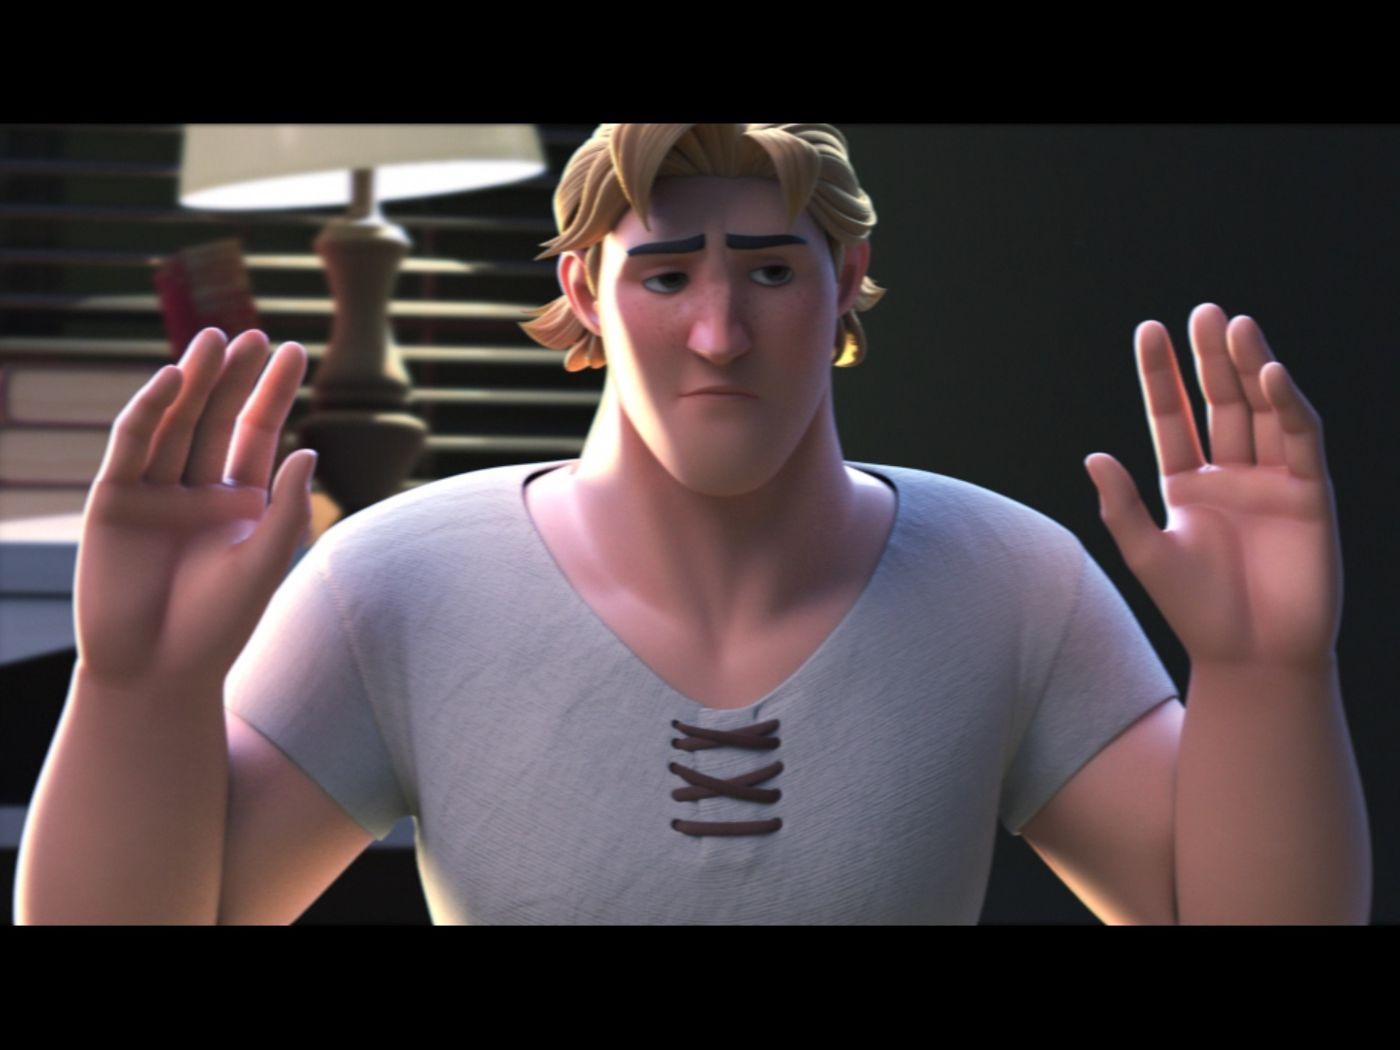 Iván Mahindo - 3D animations